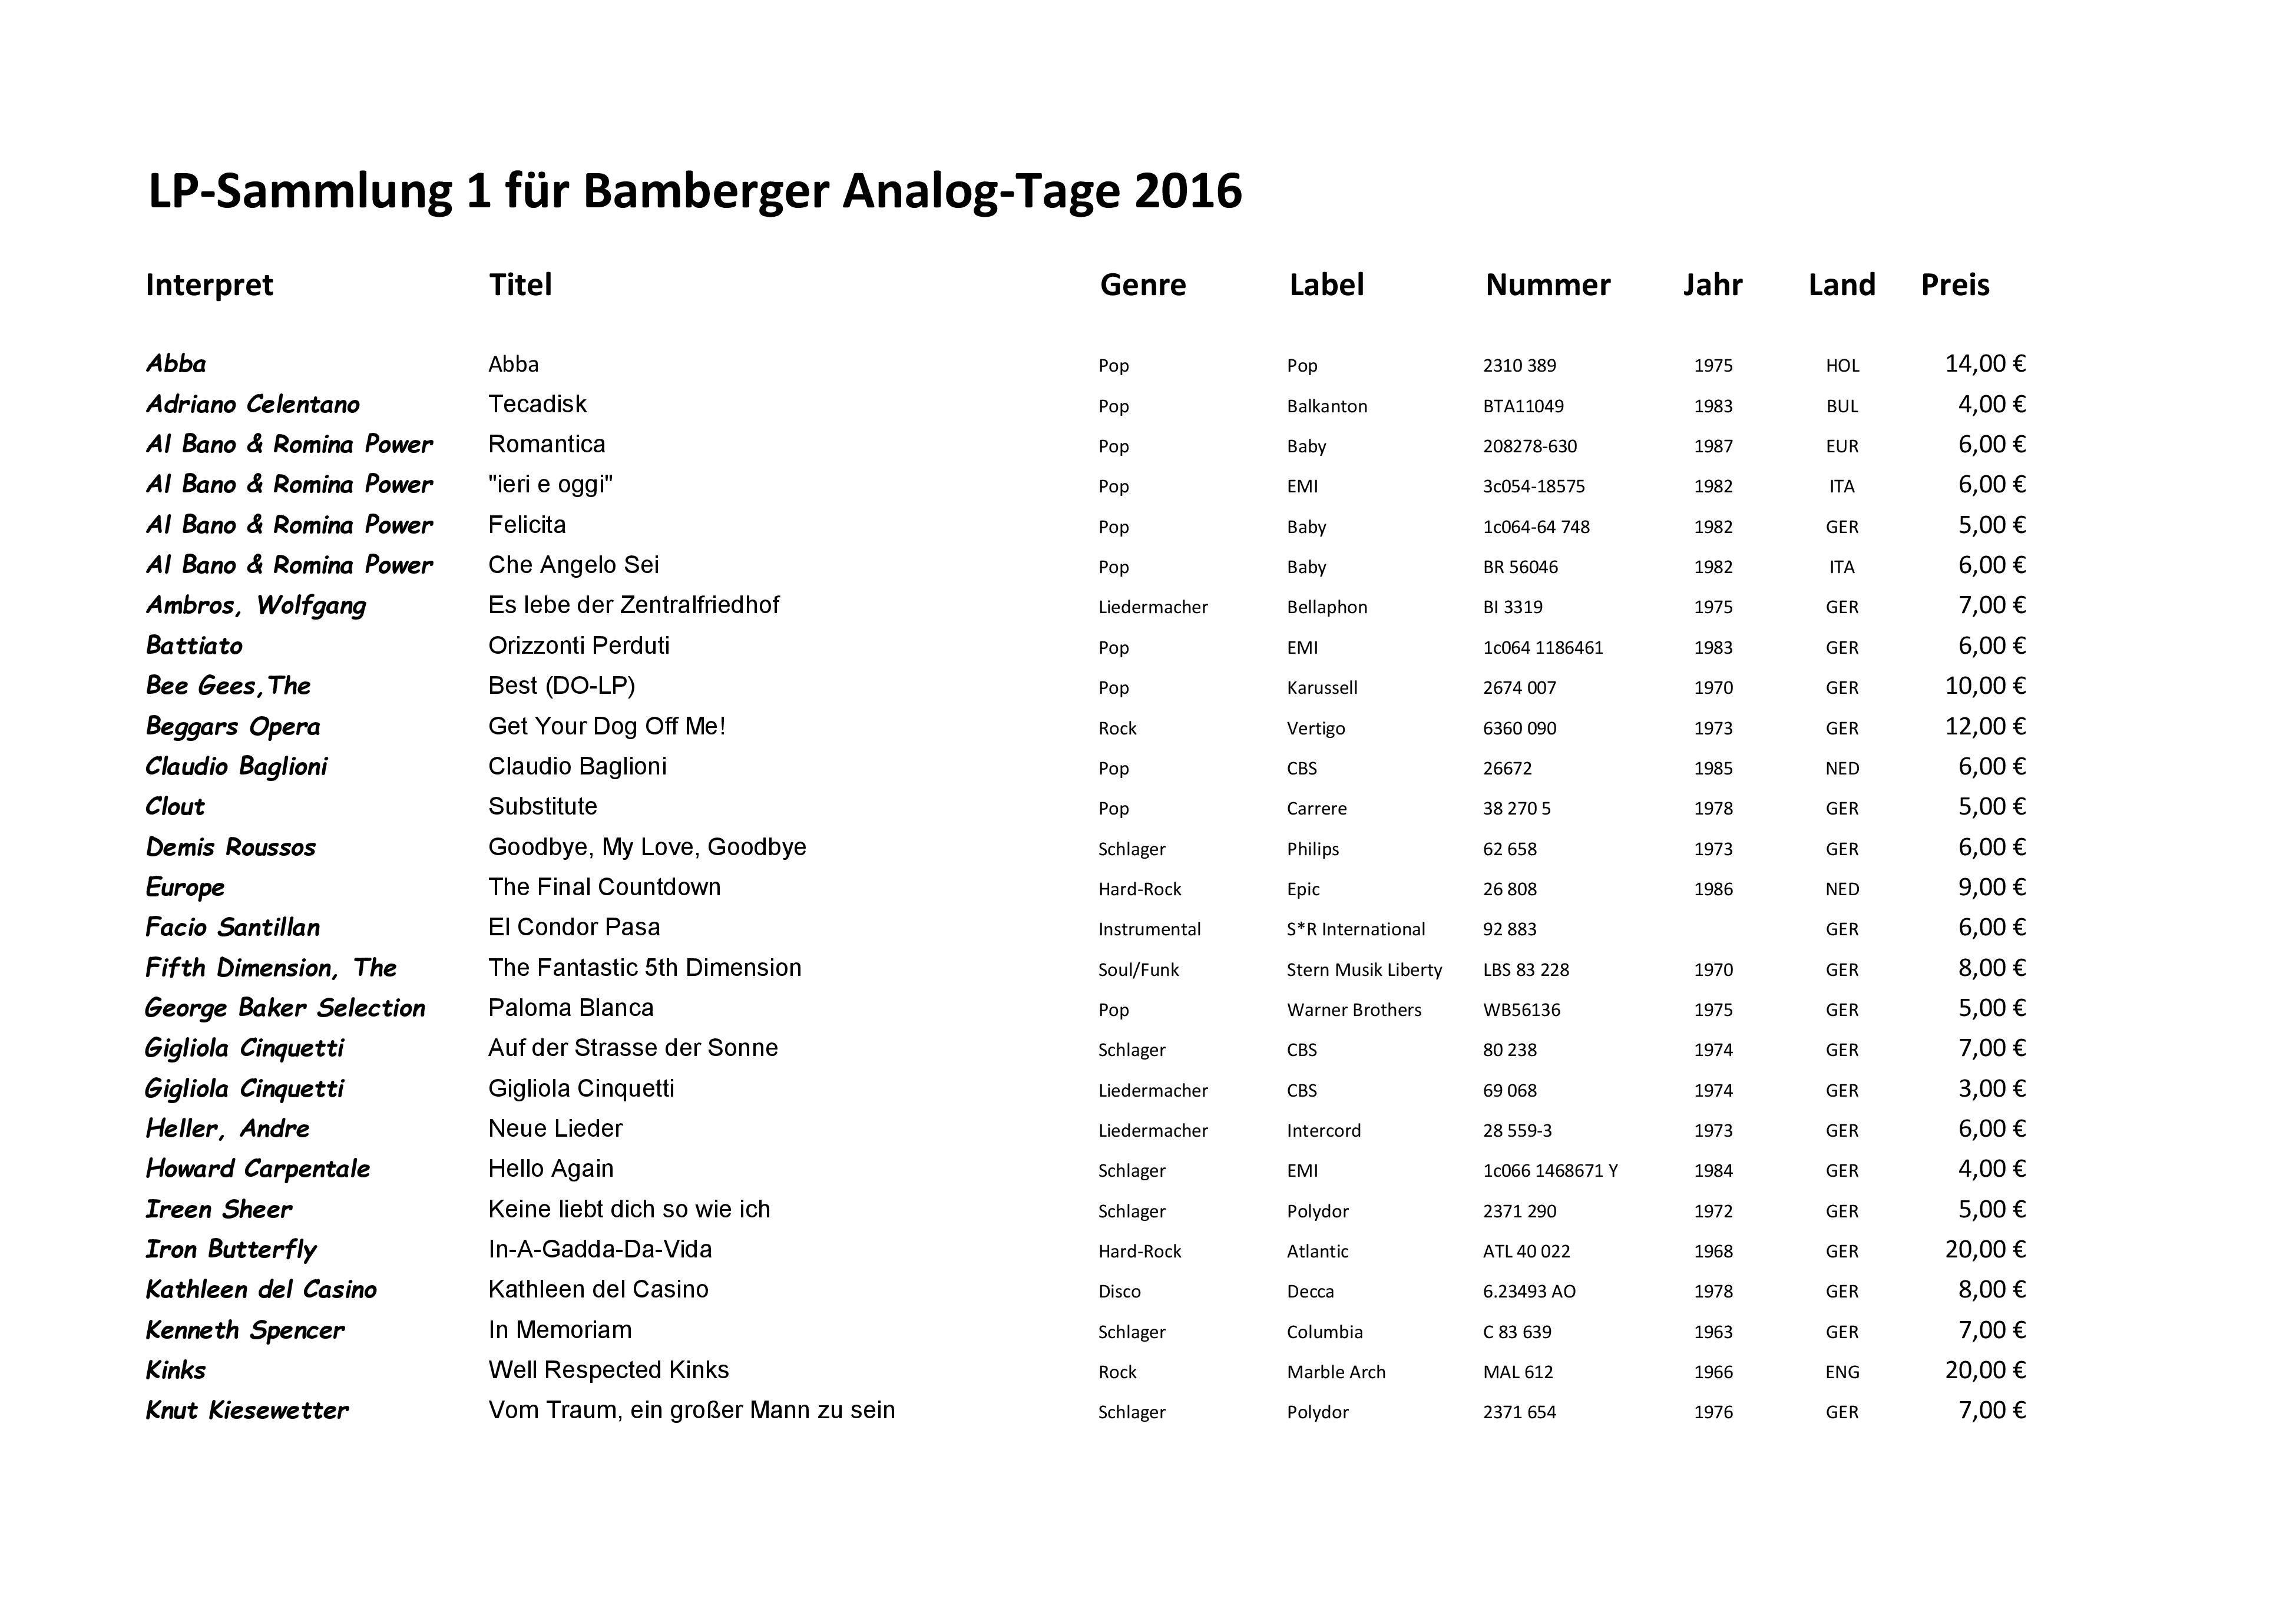 LP-Sammlung 1 für Analog-Tage 2016, Stand 14.08.2016